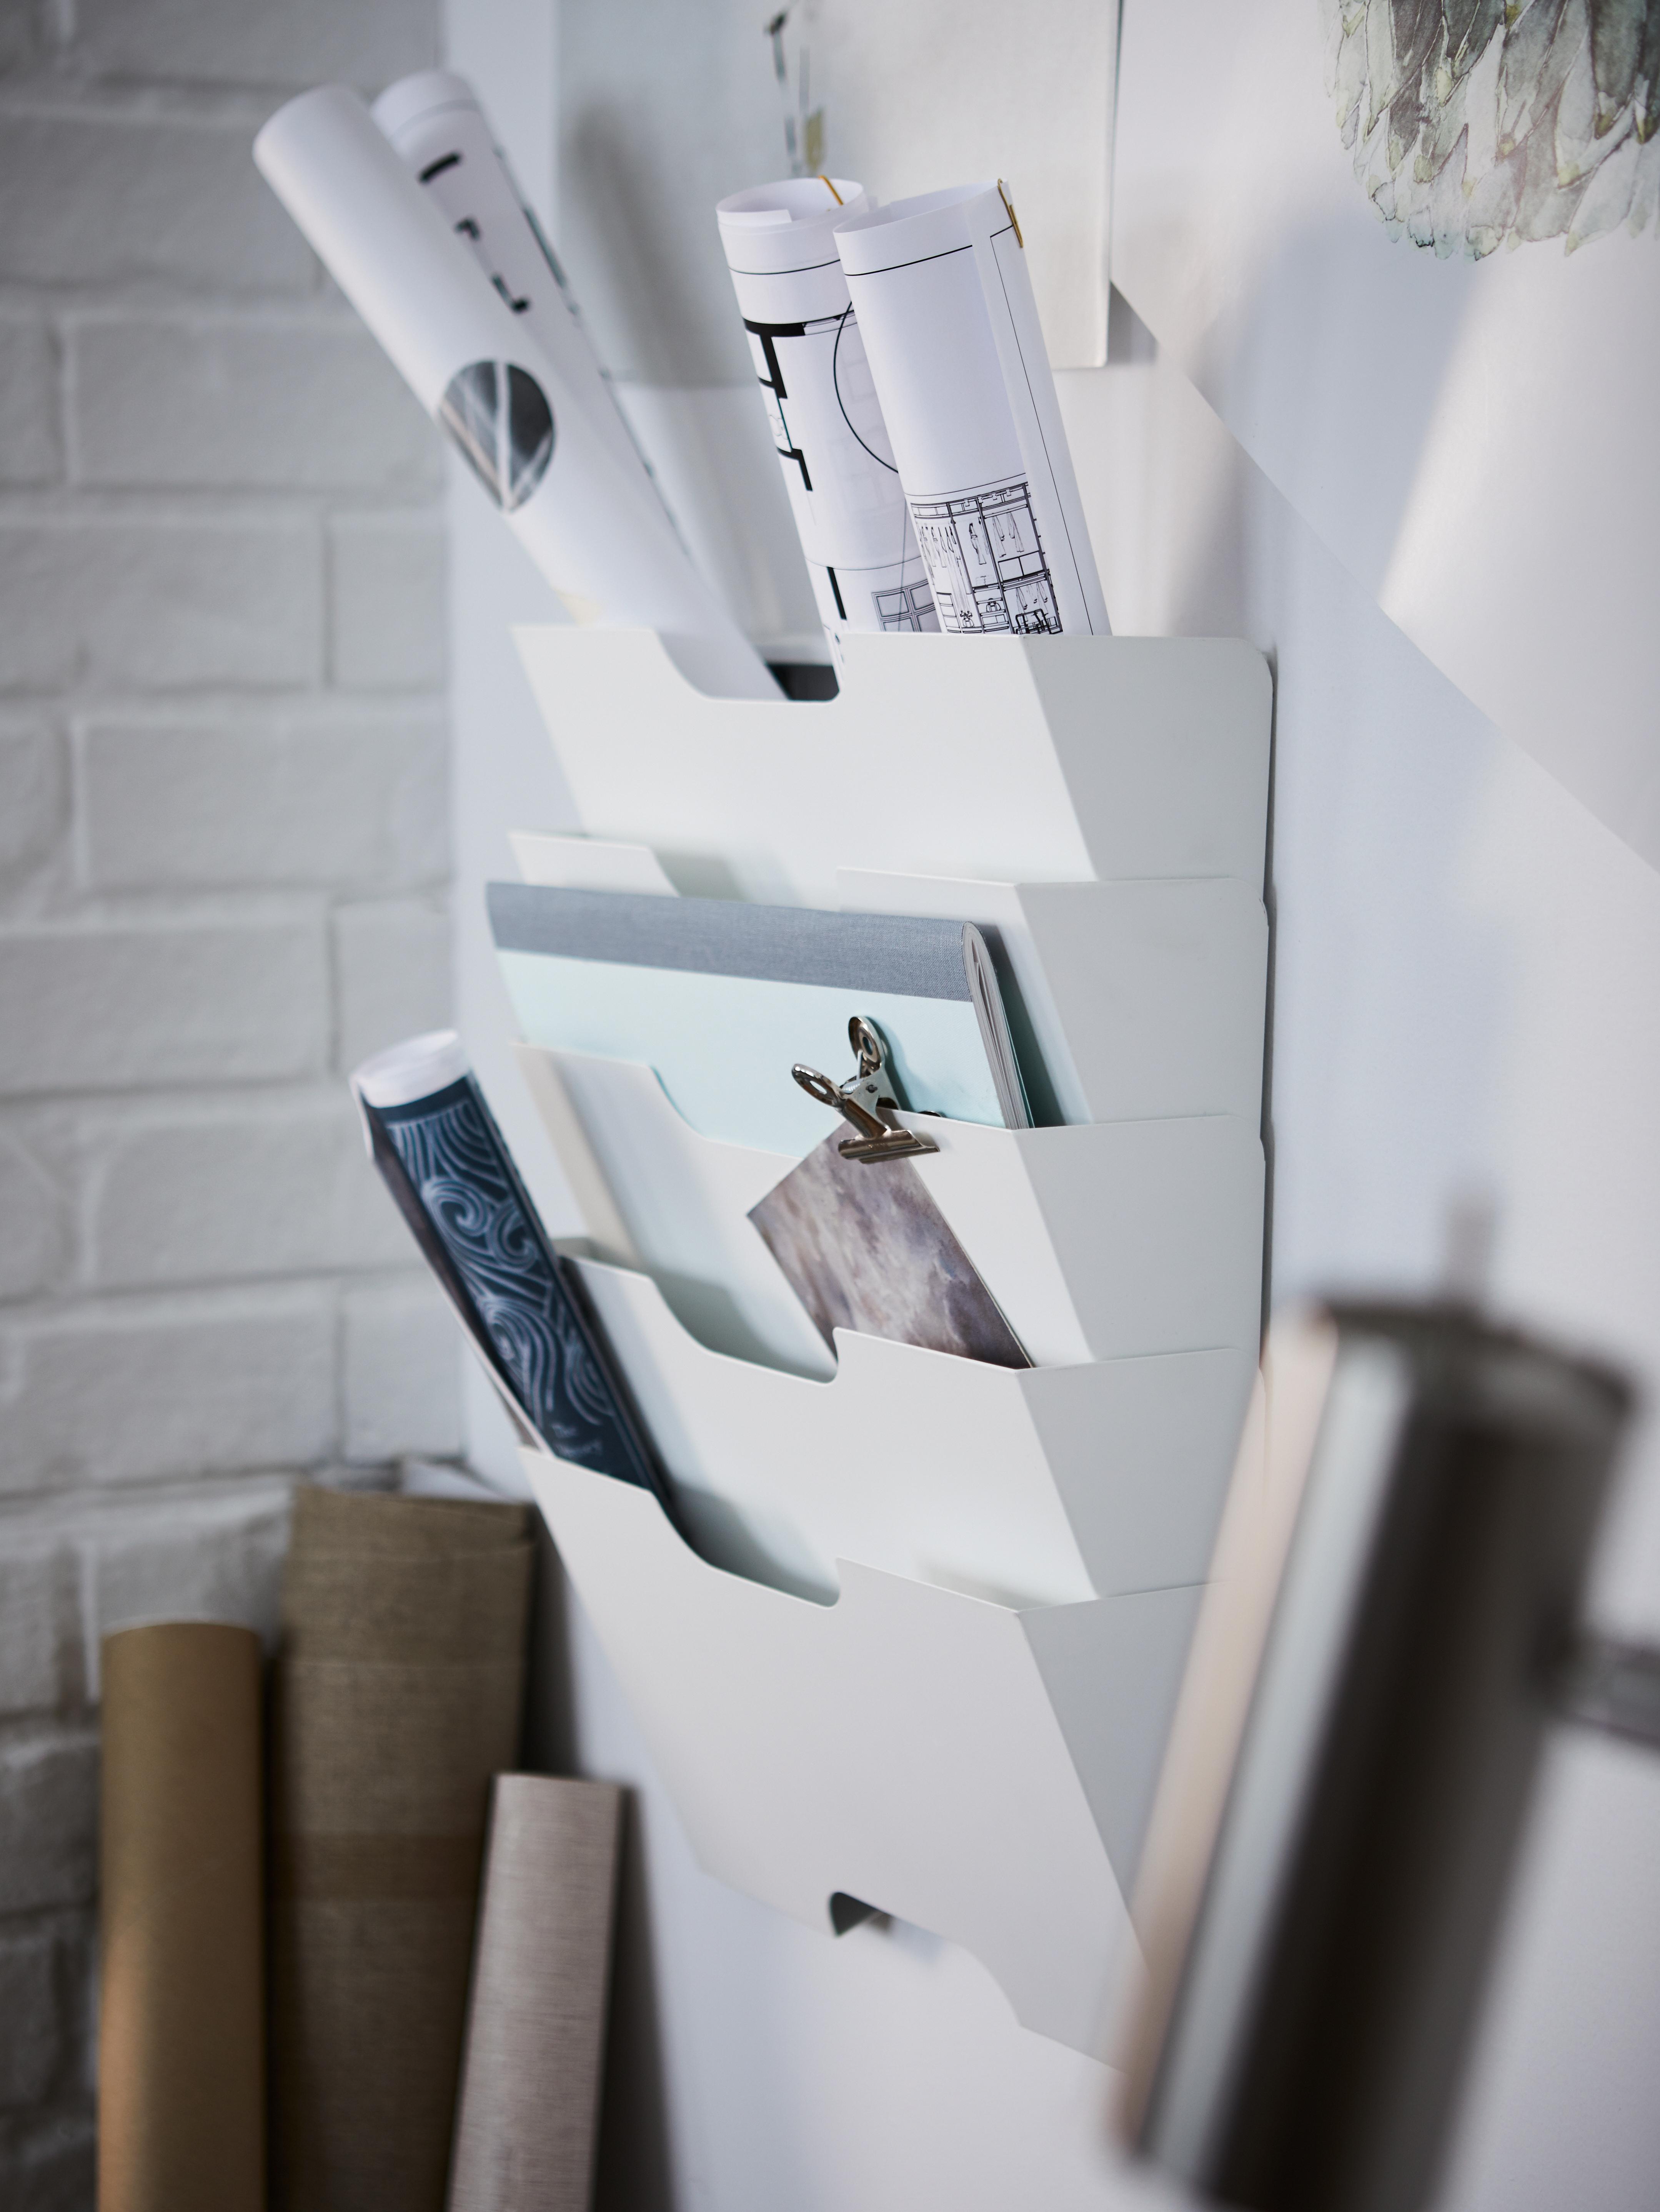 Un range-revues mural blanc KVISSLE, plein de documents et dessins. Des rouleaux de carton sont appuyés contre le mur.